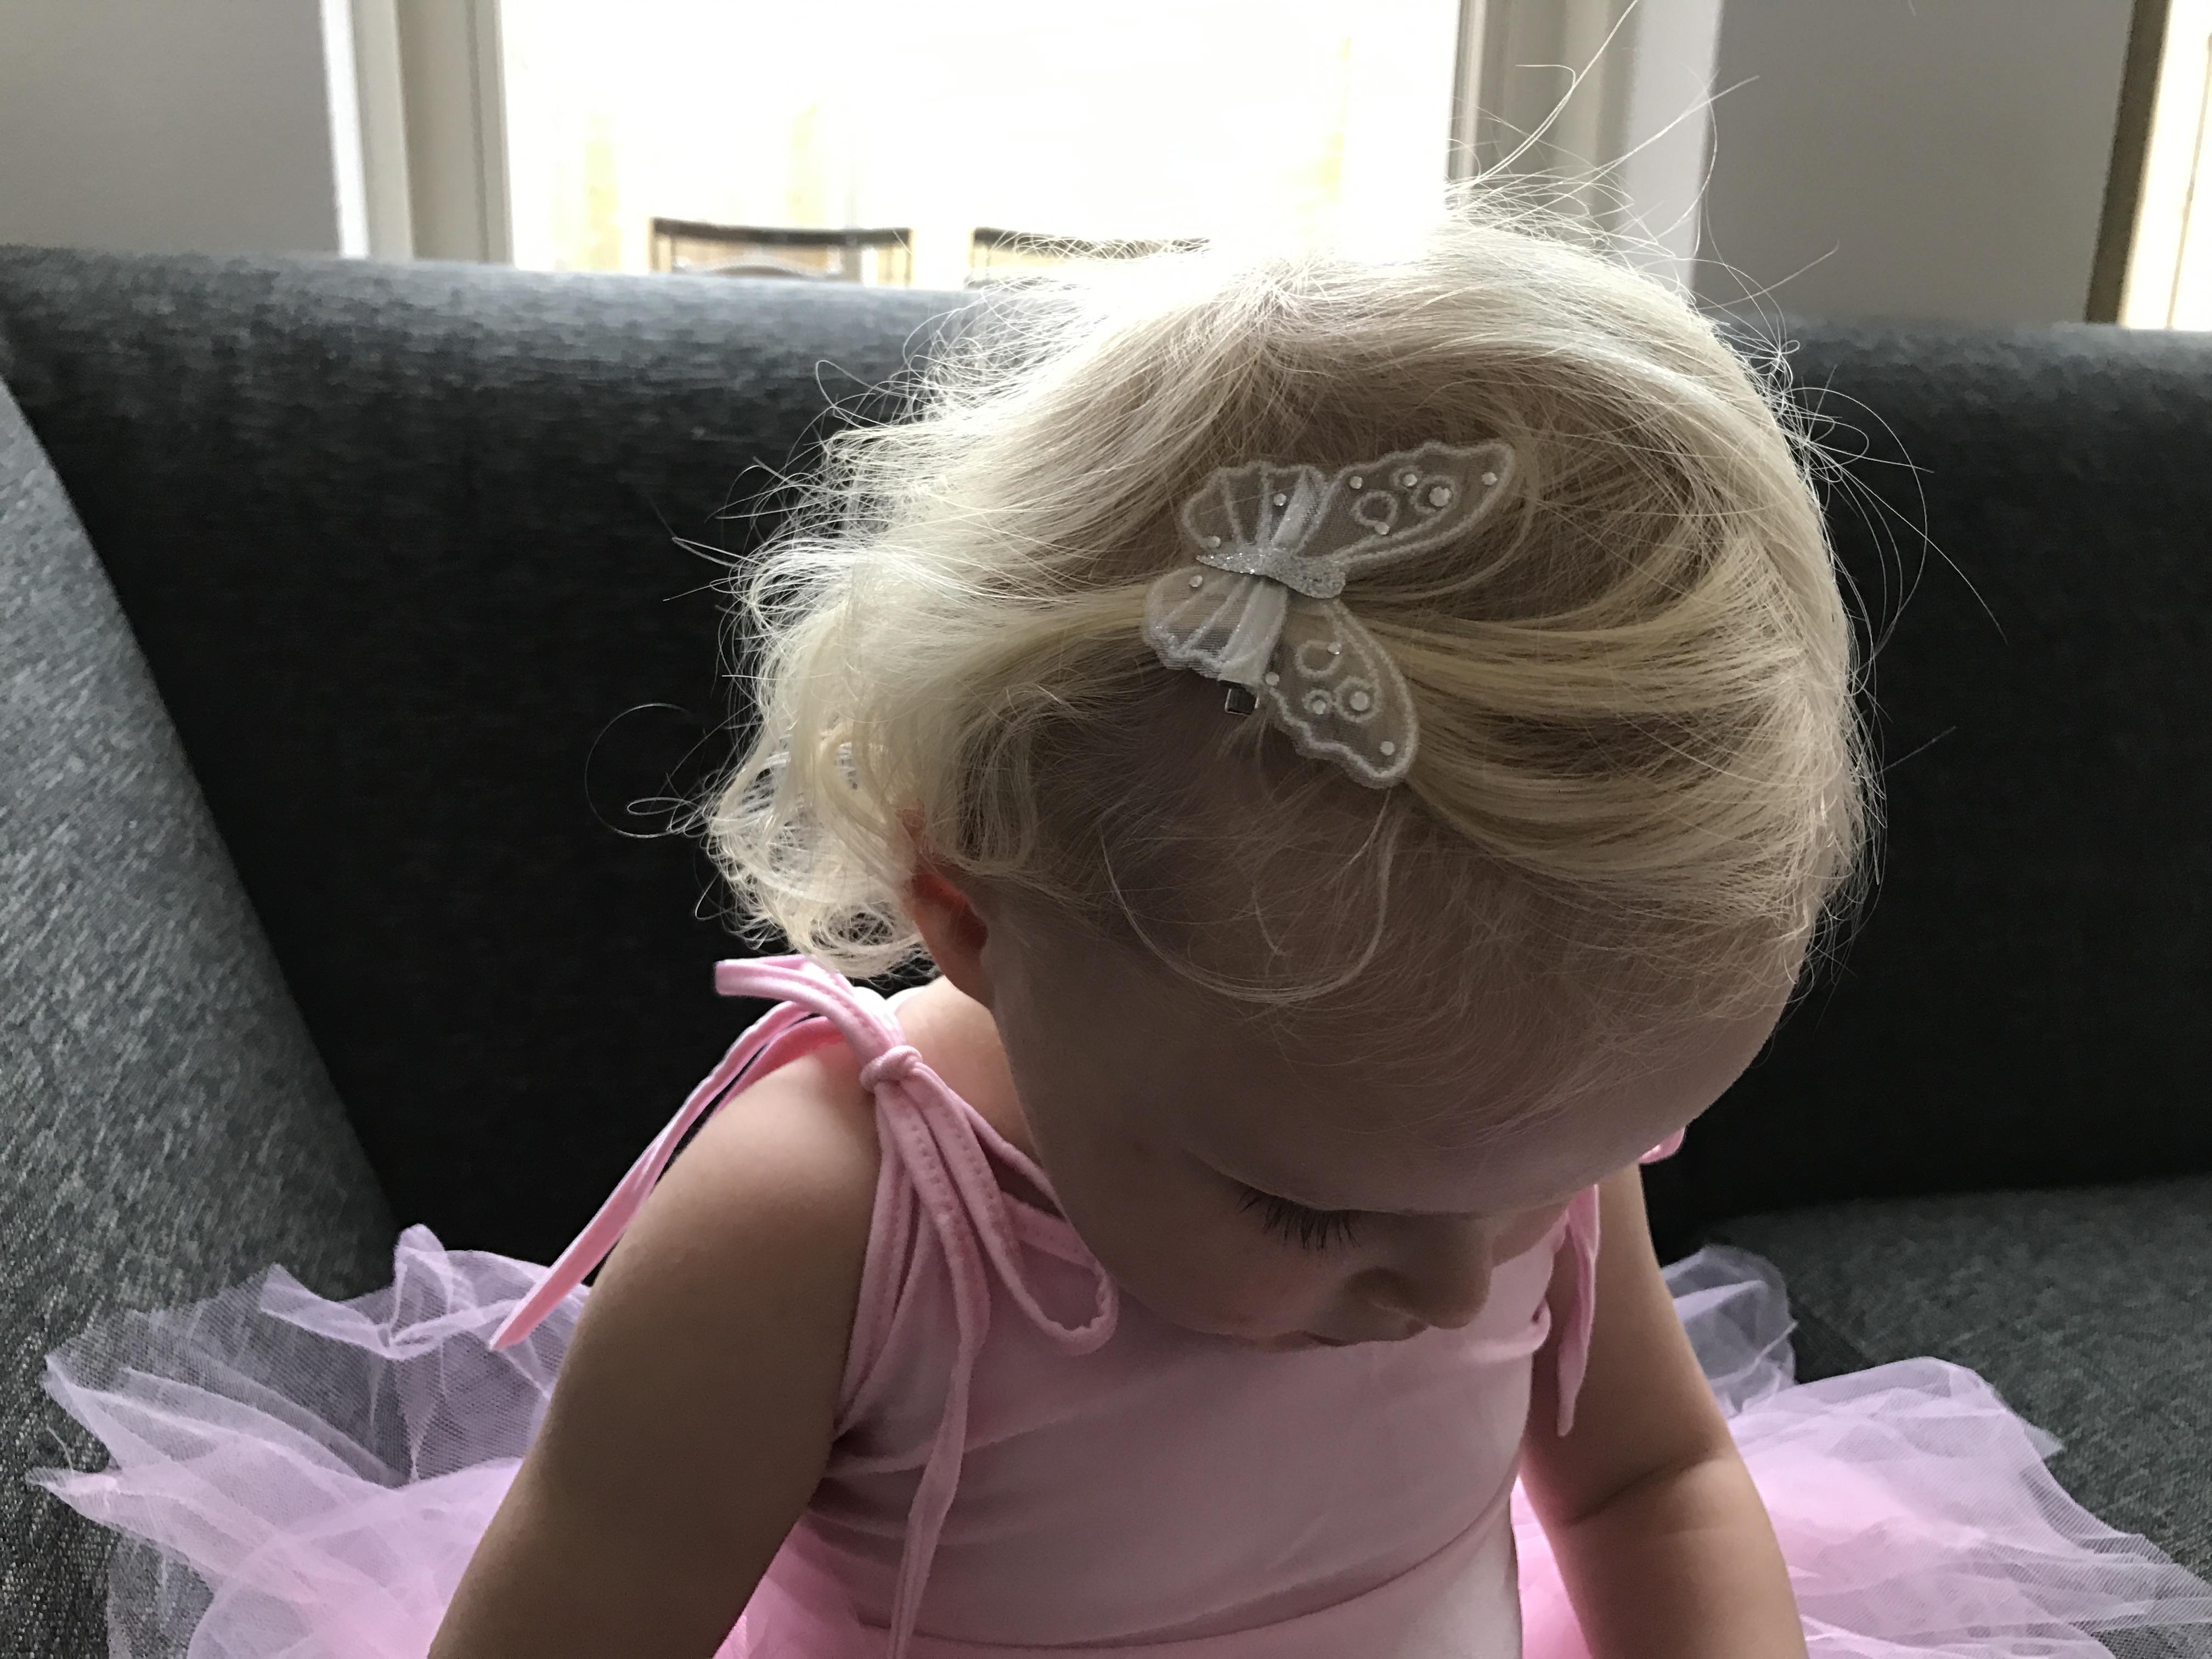 11-16-zenner-haarband-zilver-vlinders-kerst-sinterklaas-cadeau-tip-ballerina-mooi-haar-haaraccessoires-2-jaar-nanny-moeder-amsterdam-elastiekjes-klip